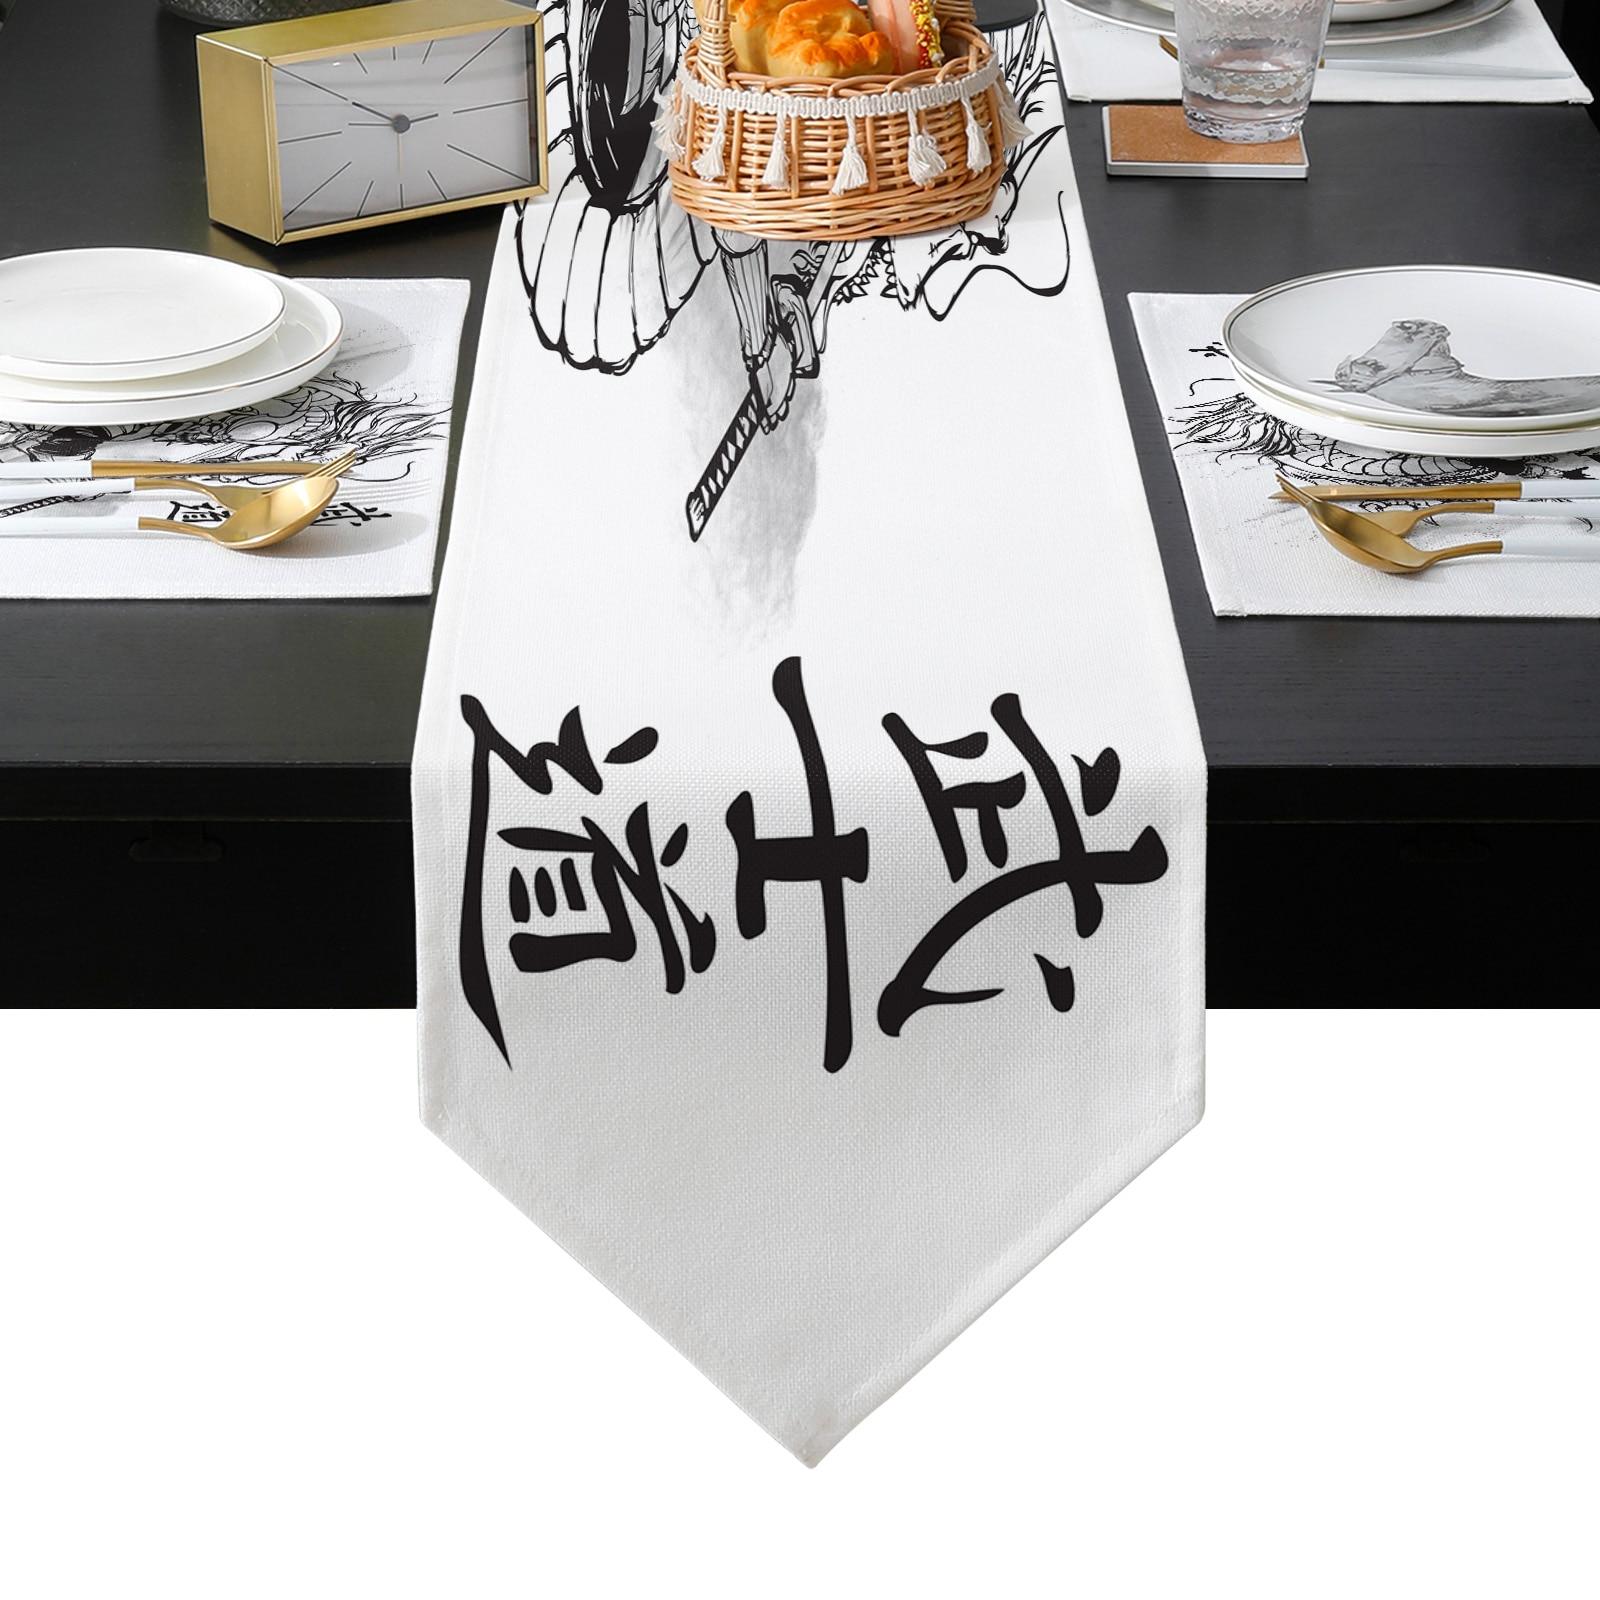 اليابانية الساموراي التنين الجدول عداء الجدول الحصير غطاء للمنزل الزفاف مأدبة مهرجان حفلة التموين فندق الجدول الديكور